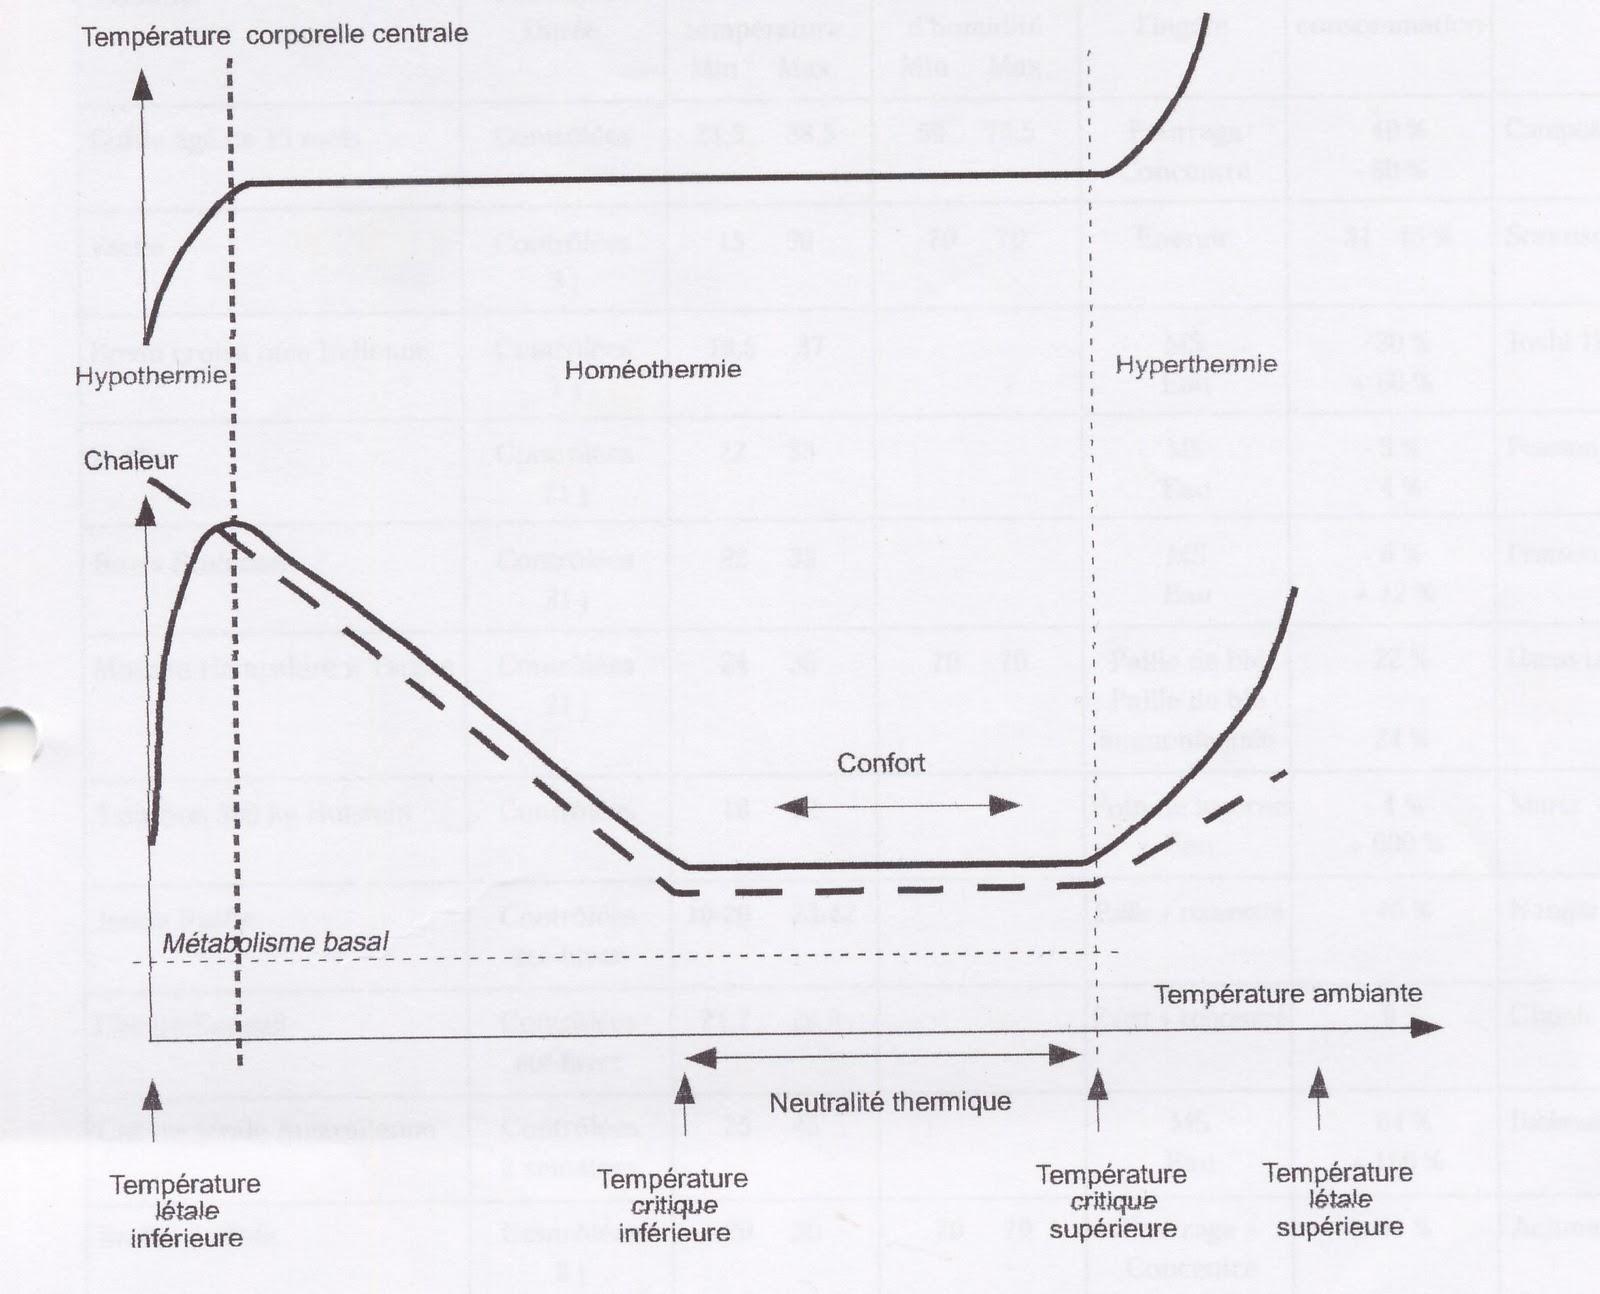 Saintis akademis gambar 1 skema evolusi termolisis garis terputus putus dan termogenesis dengan temperatur lingkungan kurva termogenesis berdampingan panas seekor ccuart Gallery